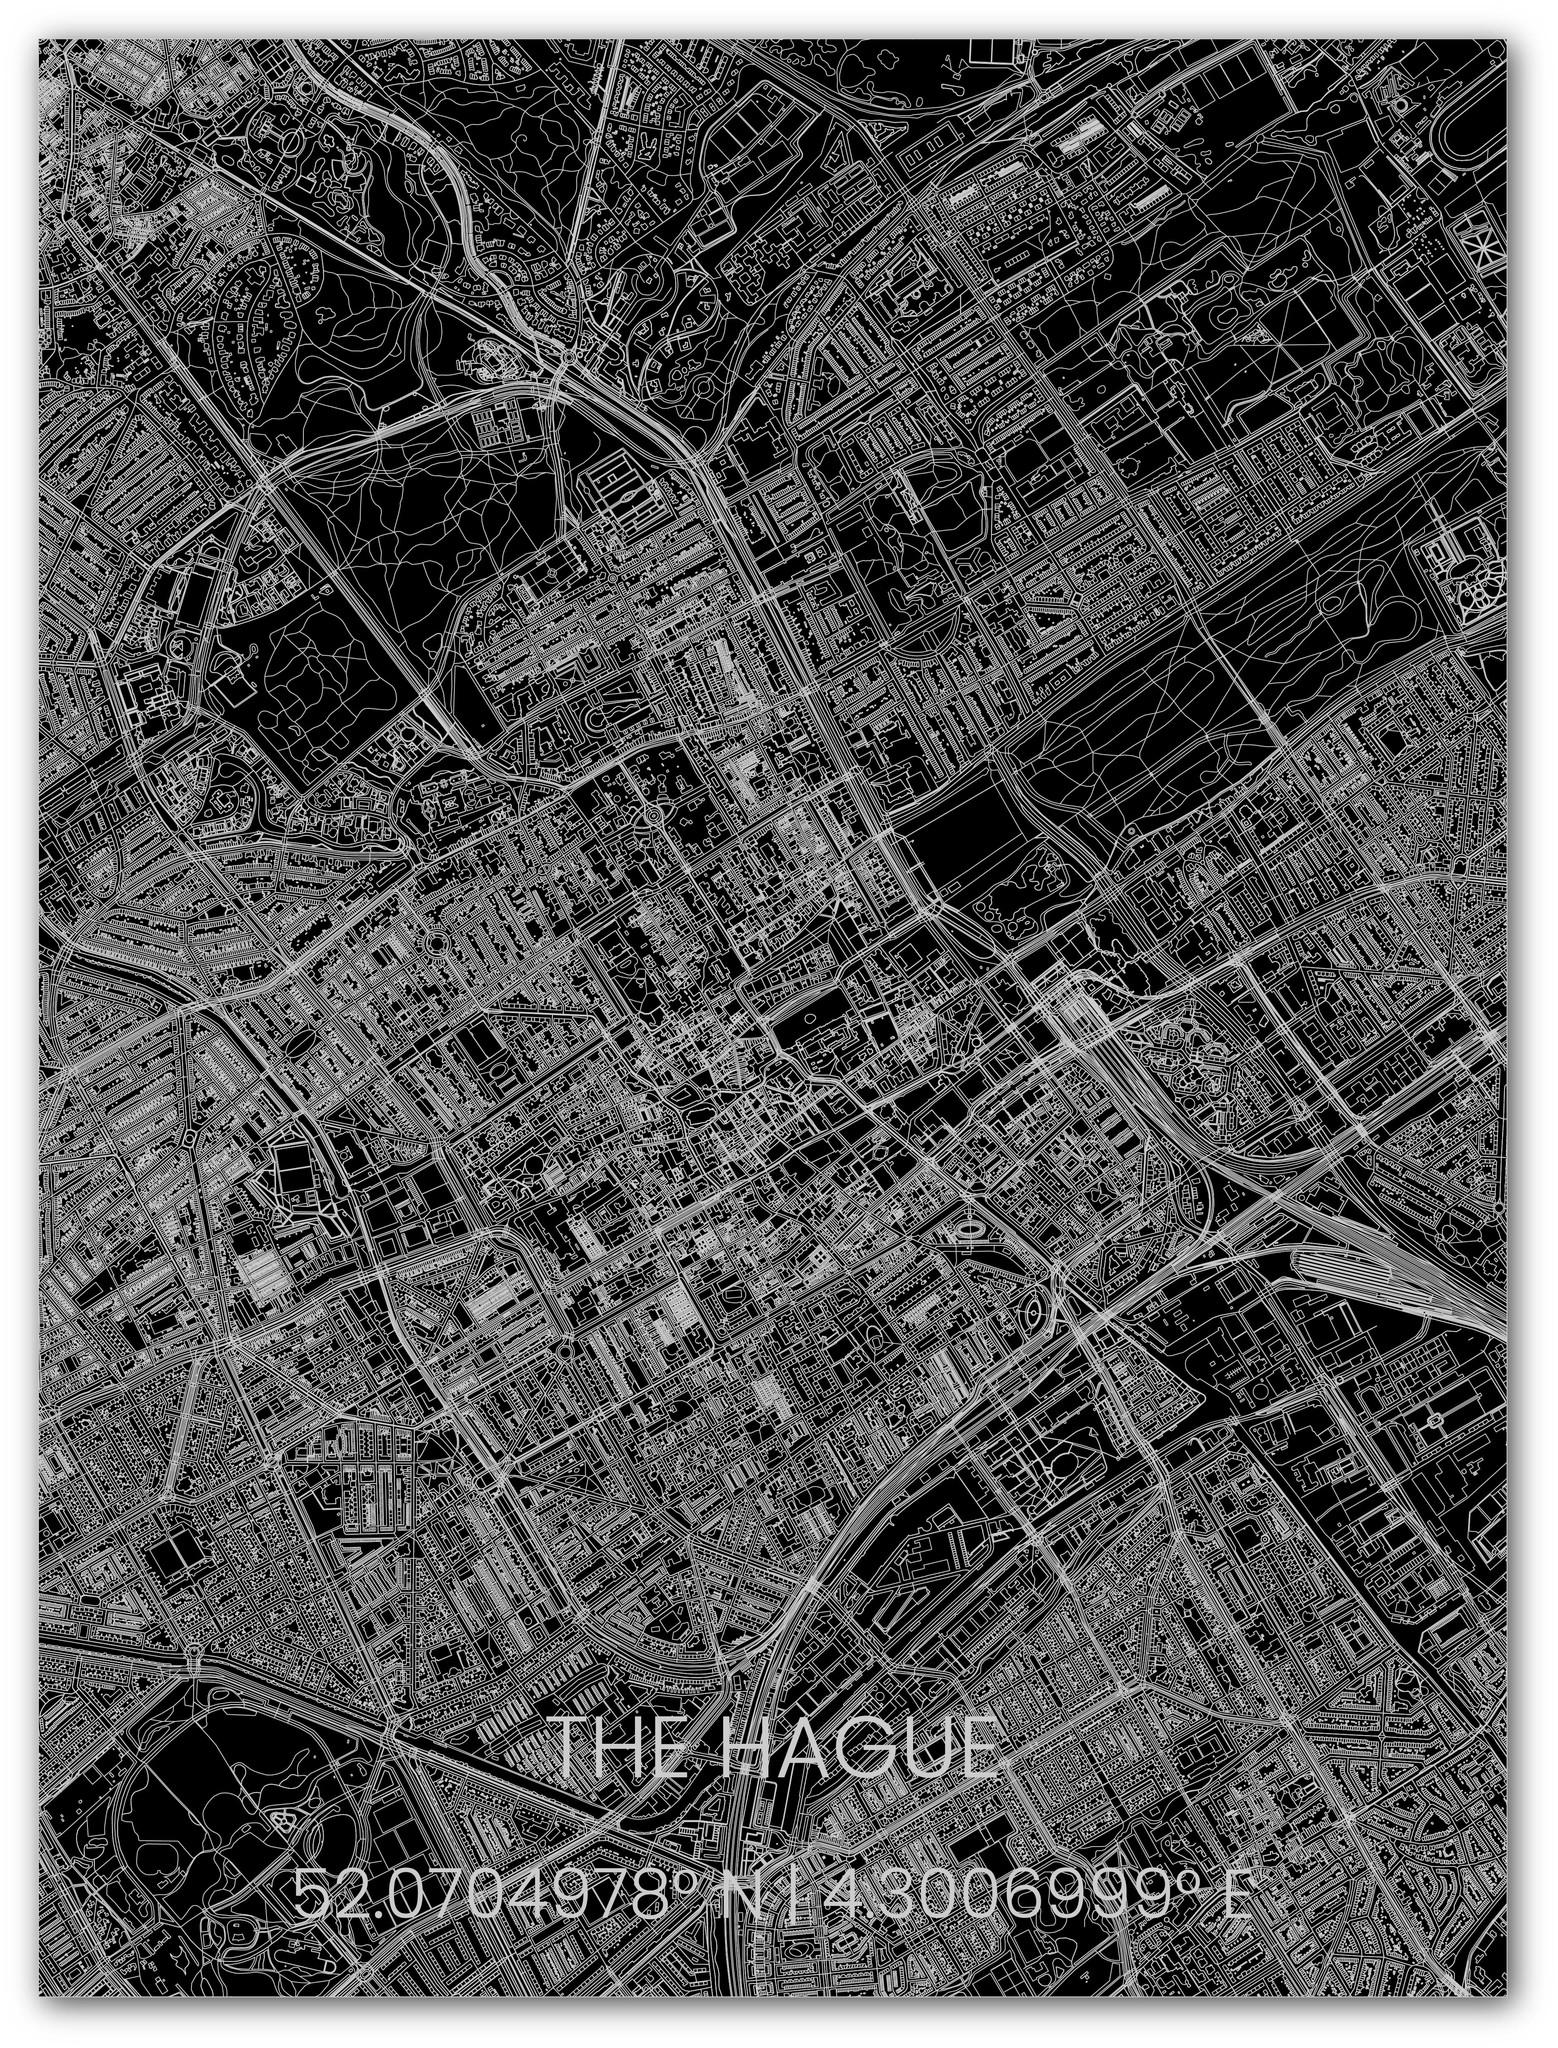 Metalen stadsplattegrond Den Haag-1